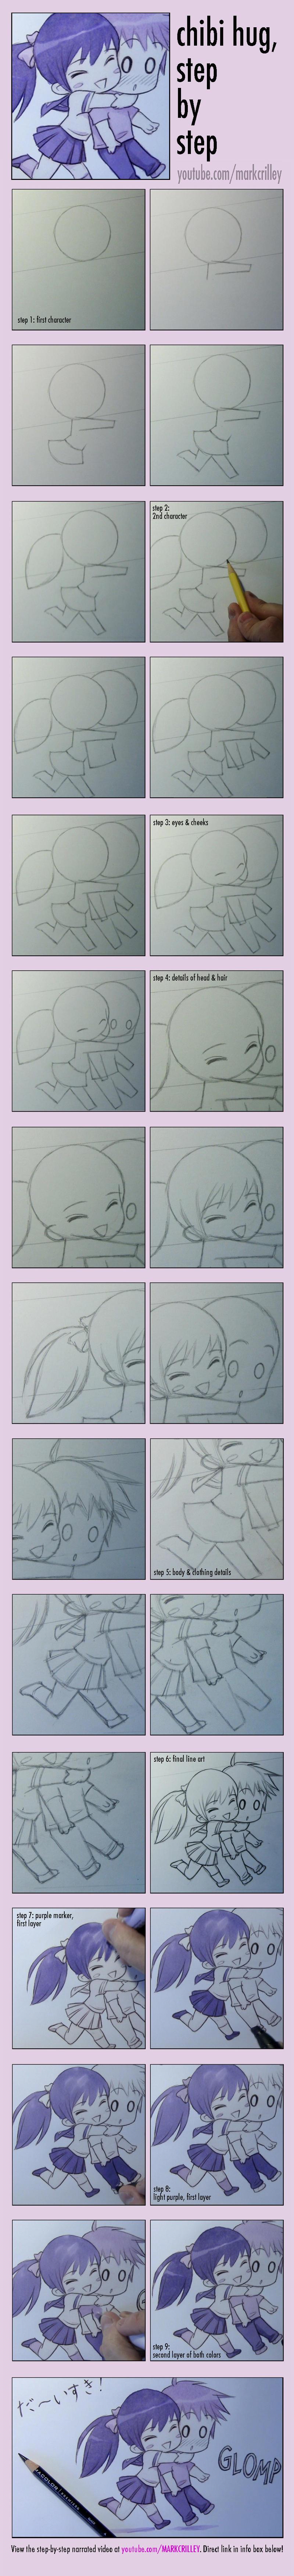 Chibi Hug, Step by Step